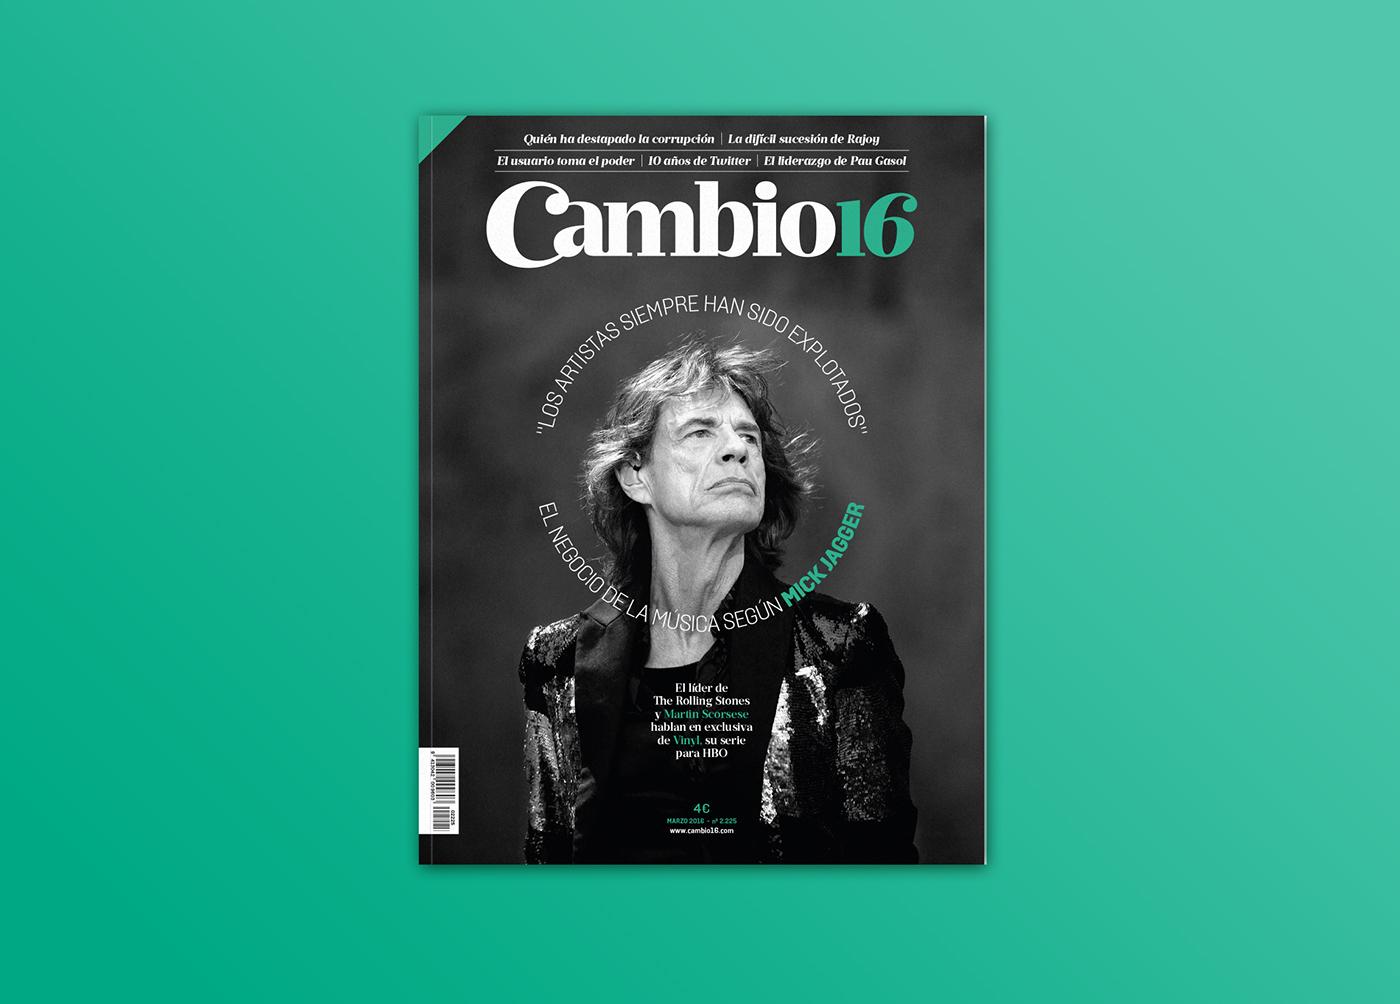 Cambio16,españa,Politica,Mick Jagger,vinyl,scorsese,hbo,Periodismo